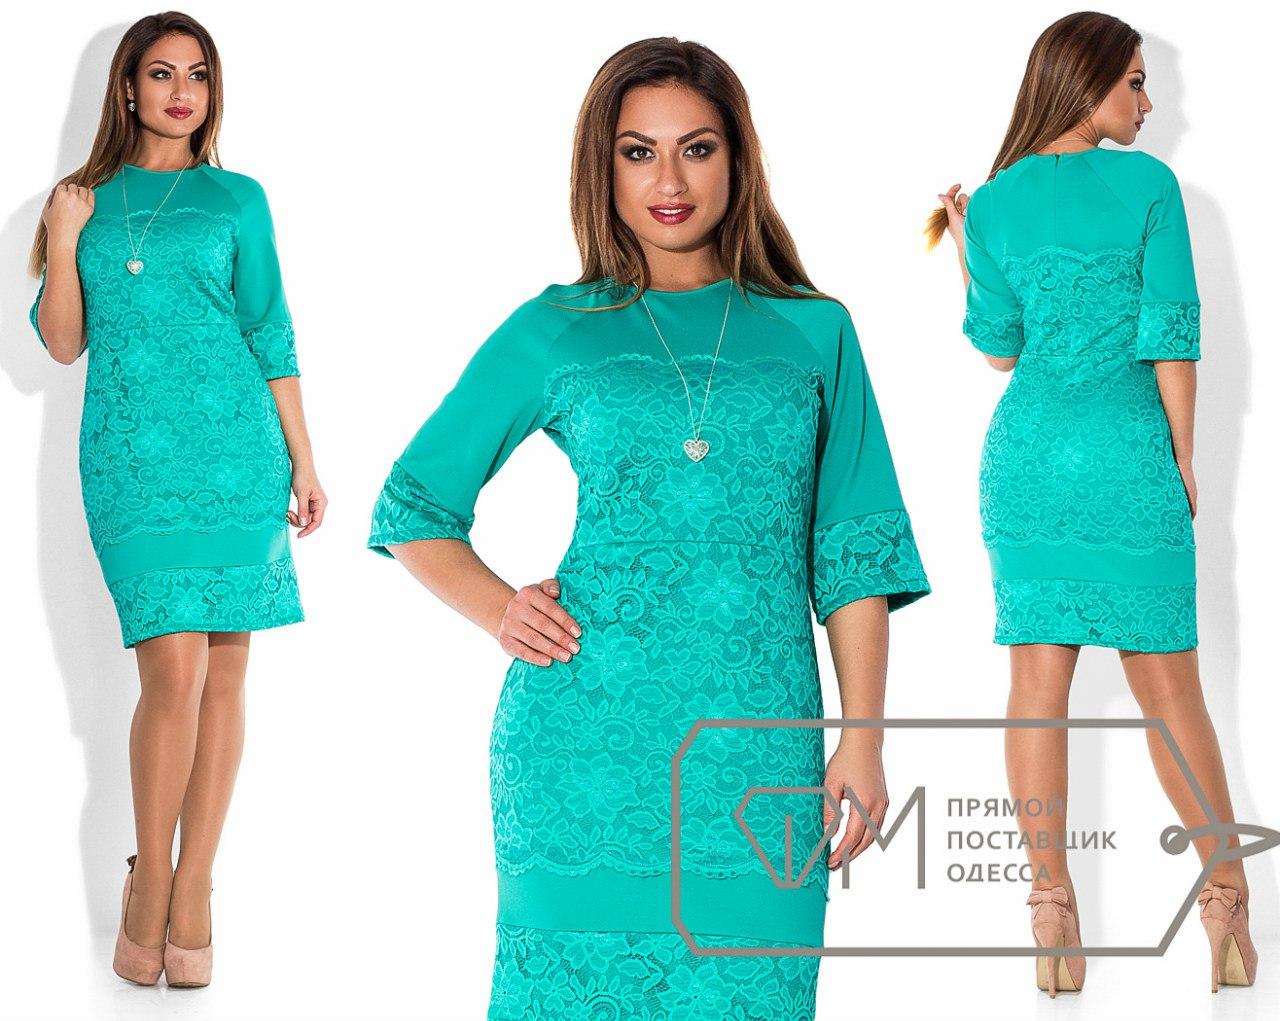 Купить платье из гипюра больших размеров